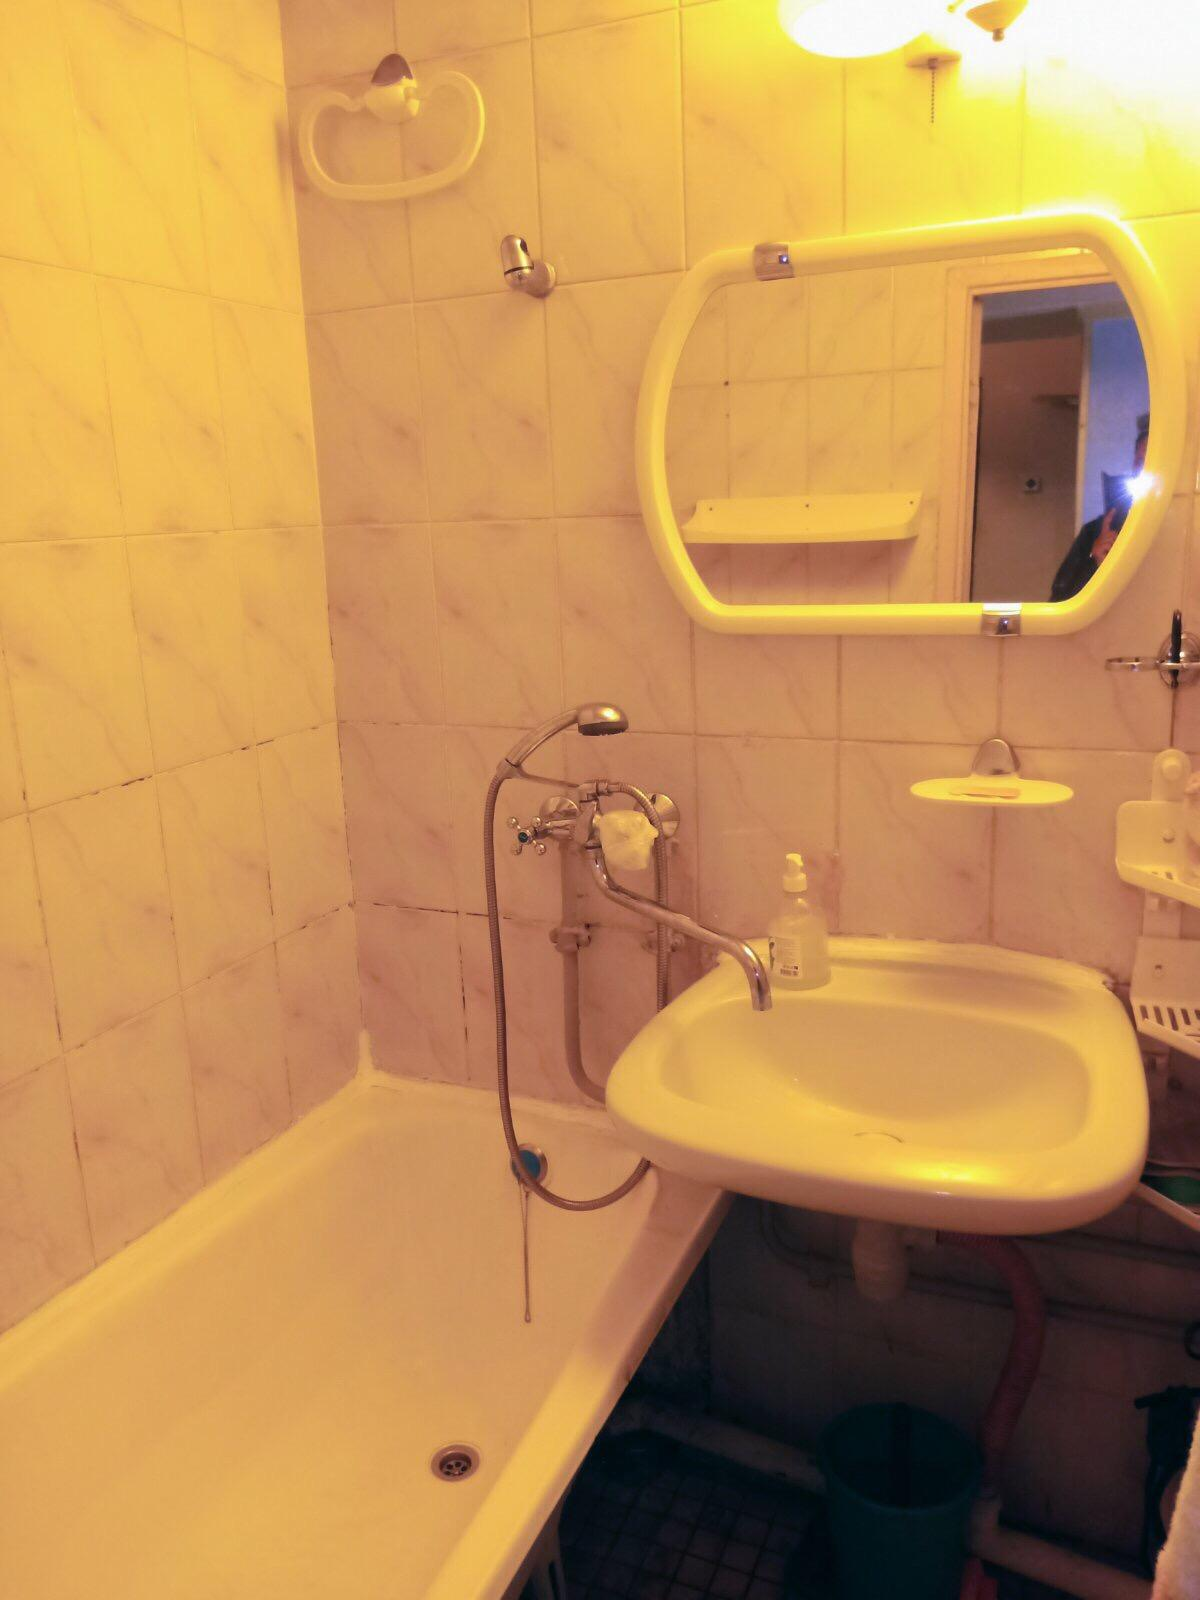 Квартира, 1 комната, 38 м² в Москве 89151902091 купить 4